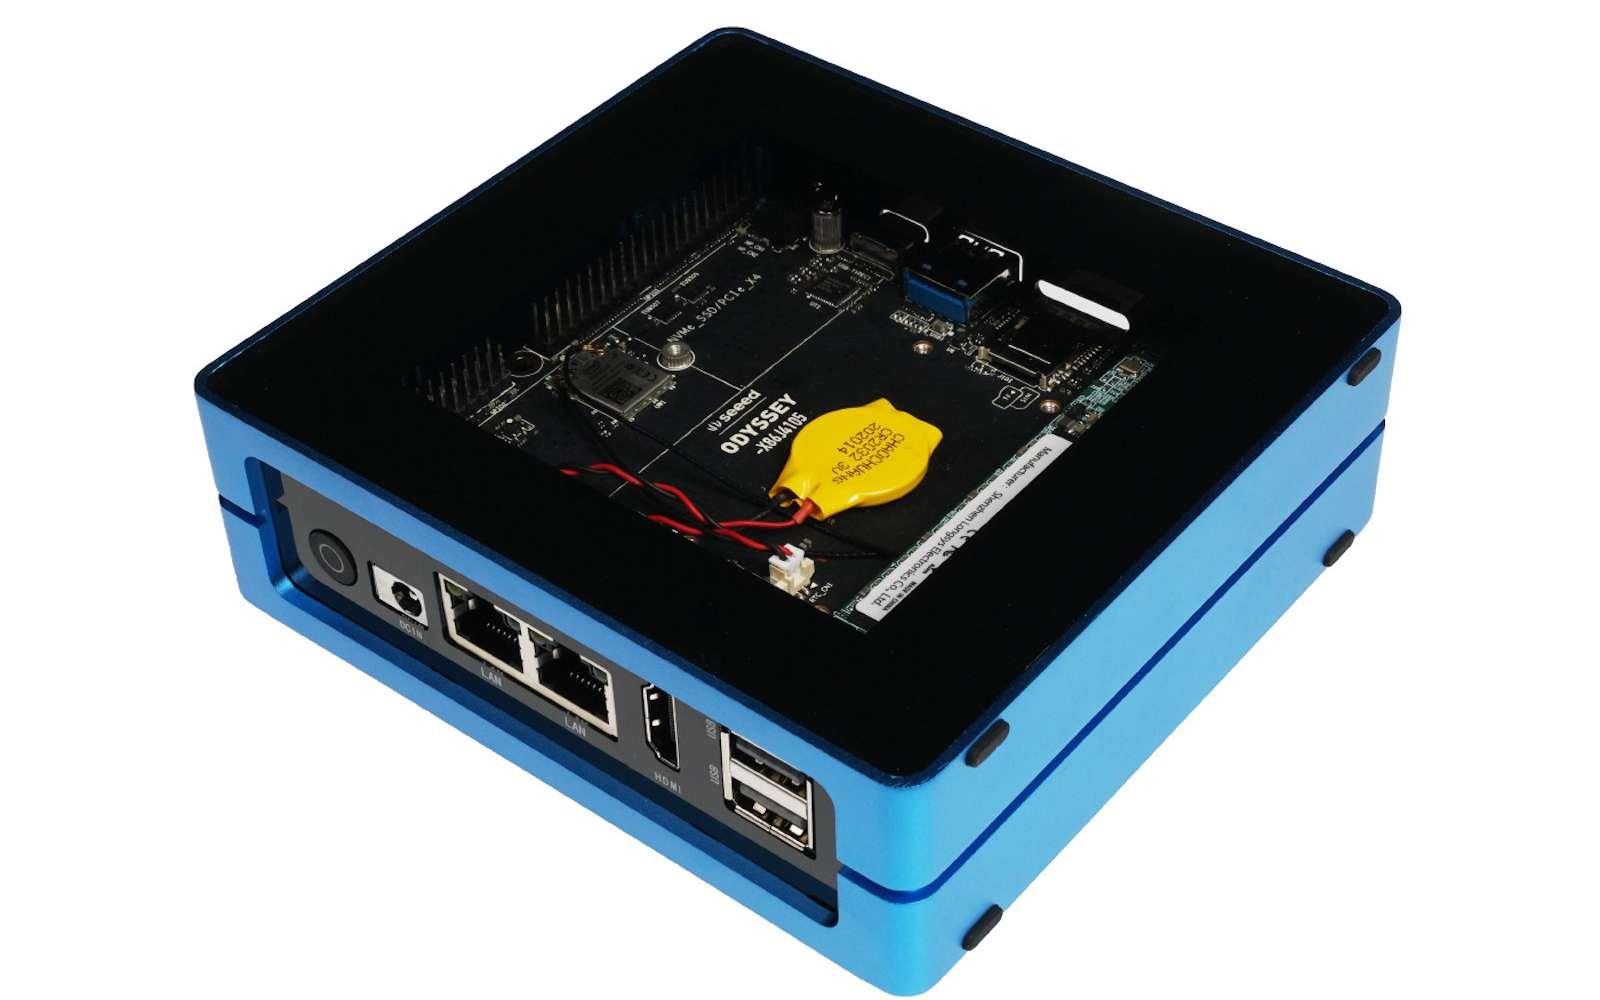 Ce mini PC possède assez de mémoire vive et un processeur correct pour un usage au quotidien. © Seeed Studio